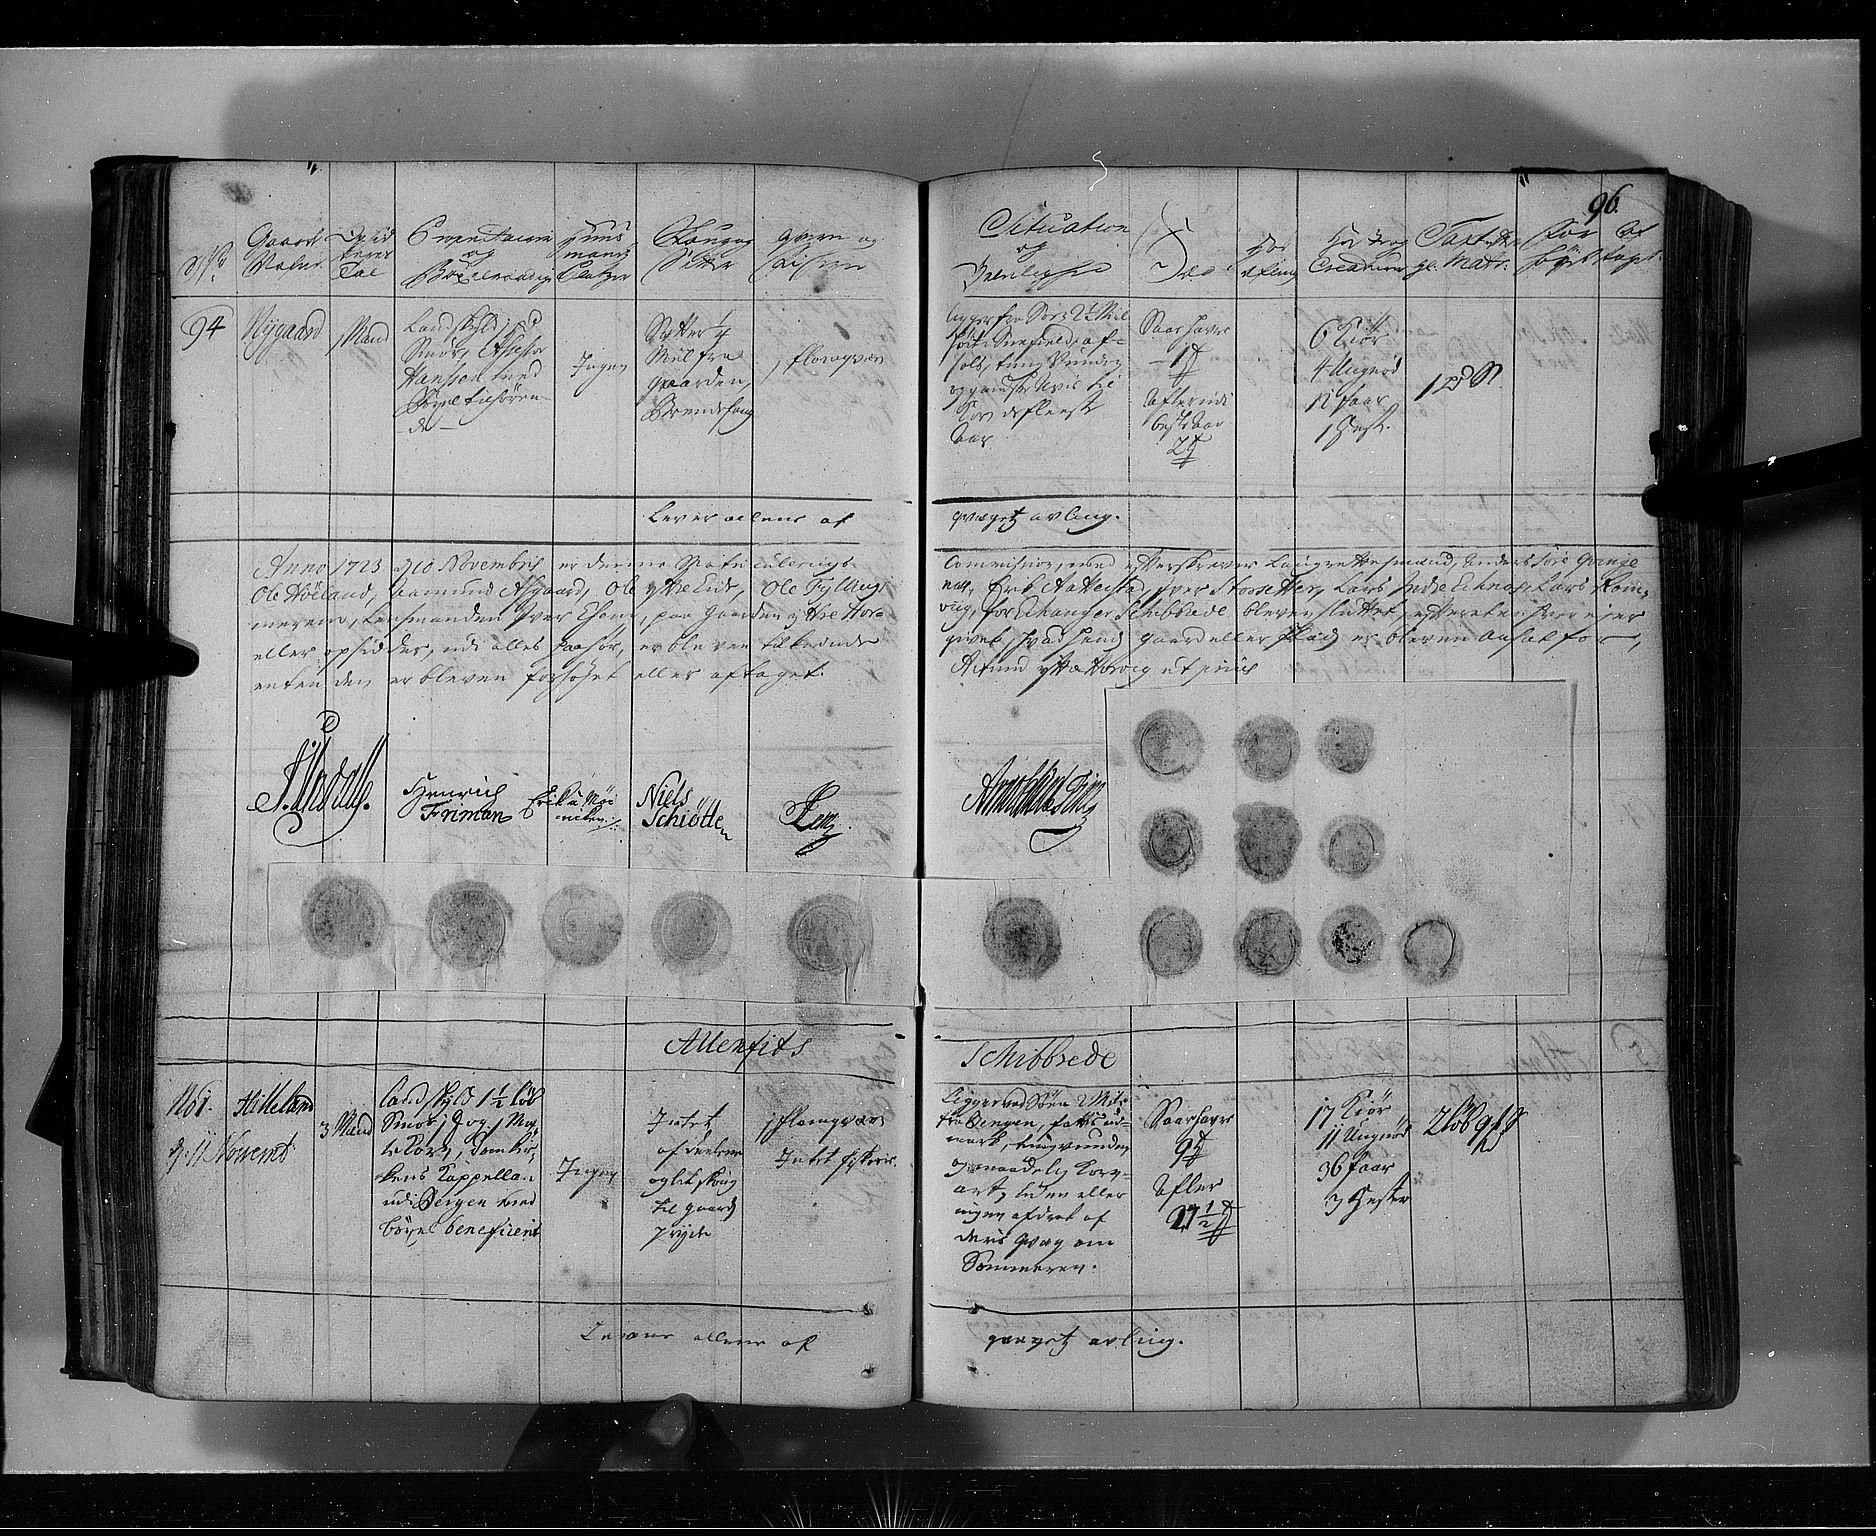 RA, Rentekammeret inntil 1814, Realistisk ordnet avdeling, N/Nb/Nbf/L0139: Nordhordland eksaminasjonsprotokoll, 1723, s. 95b-96a